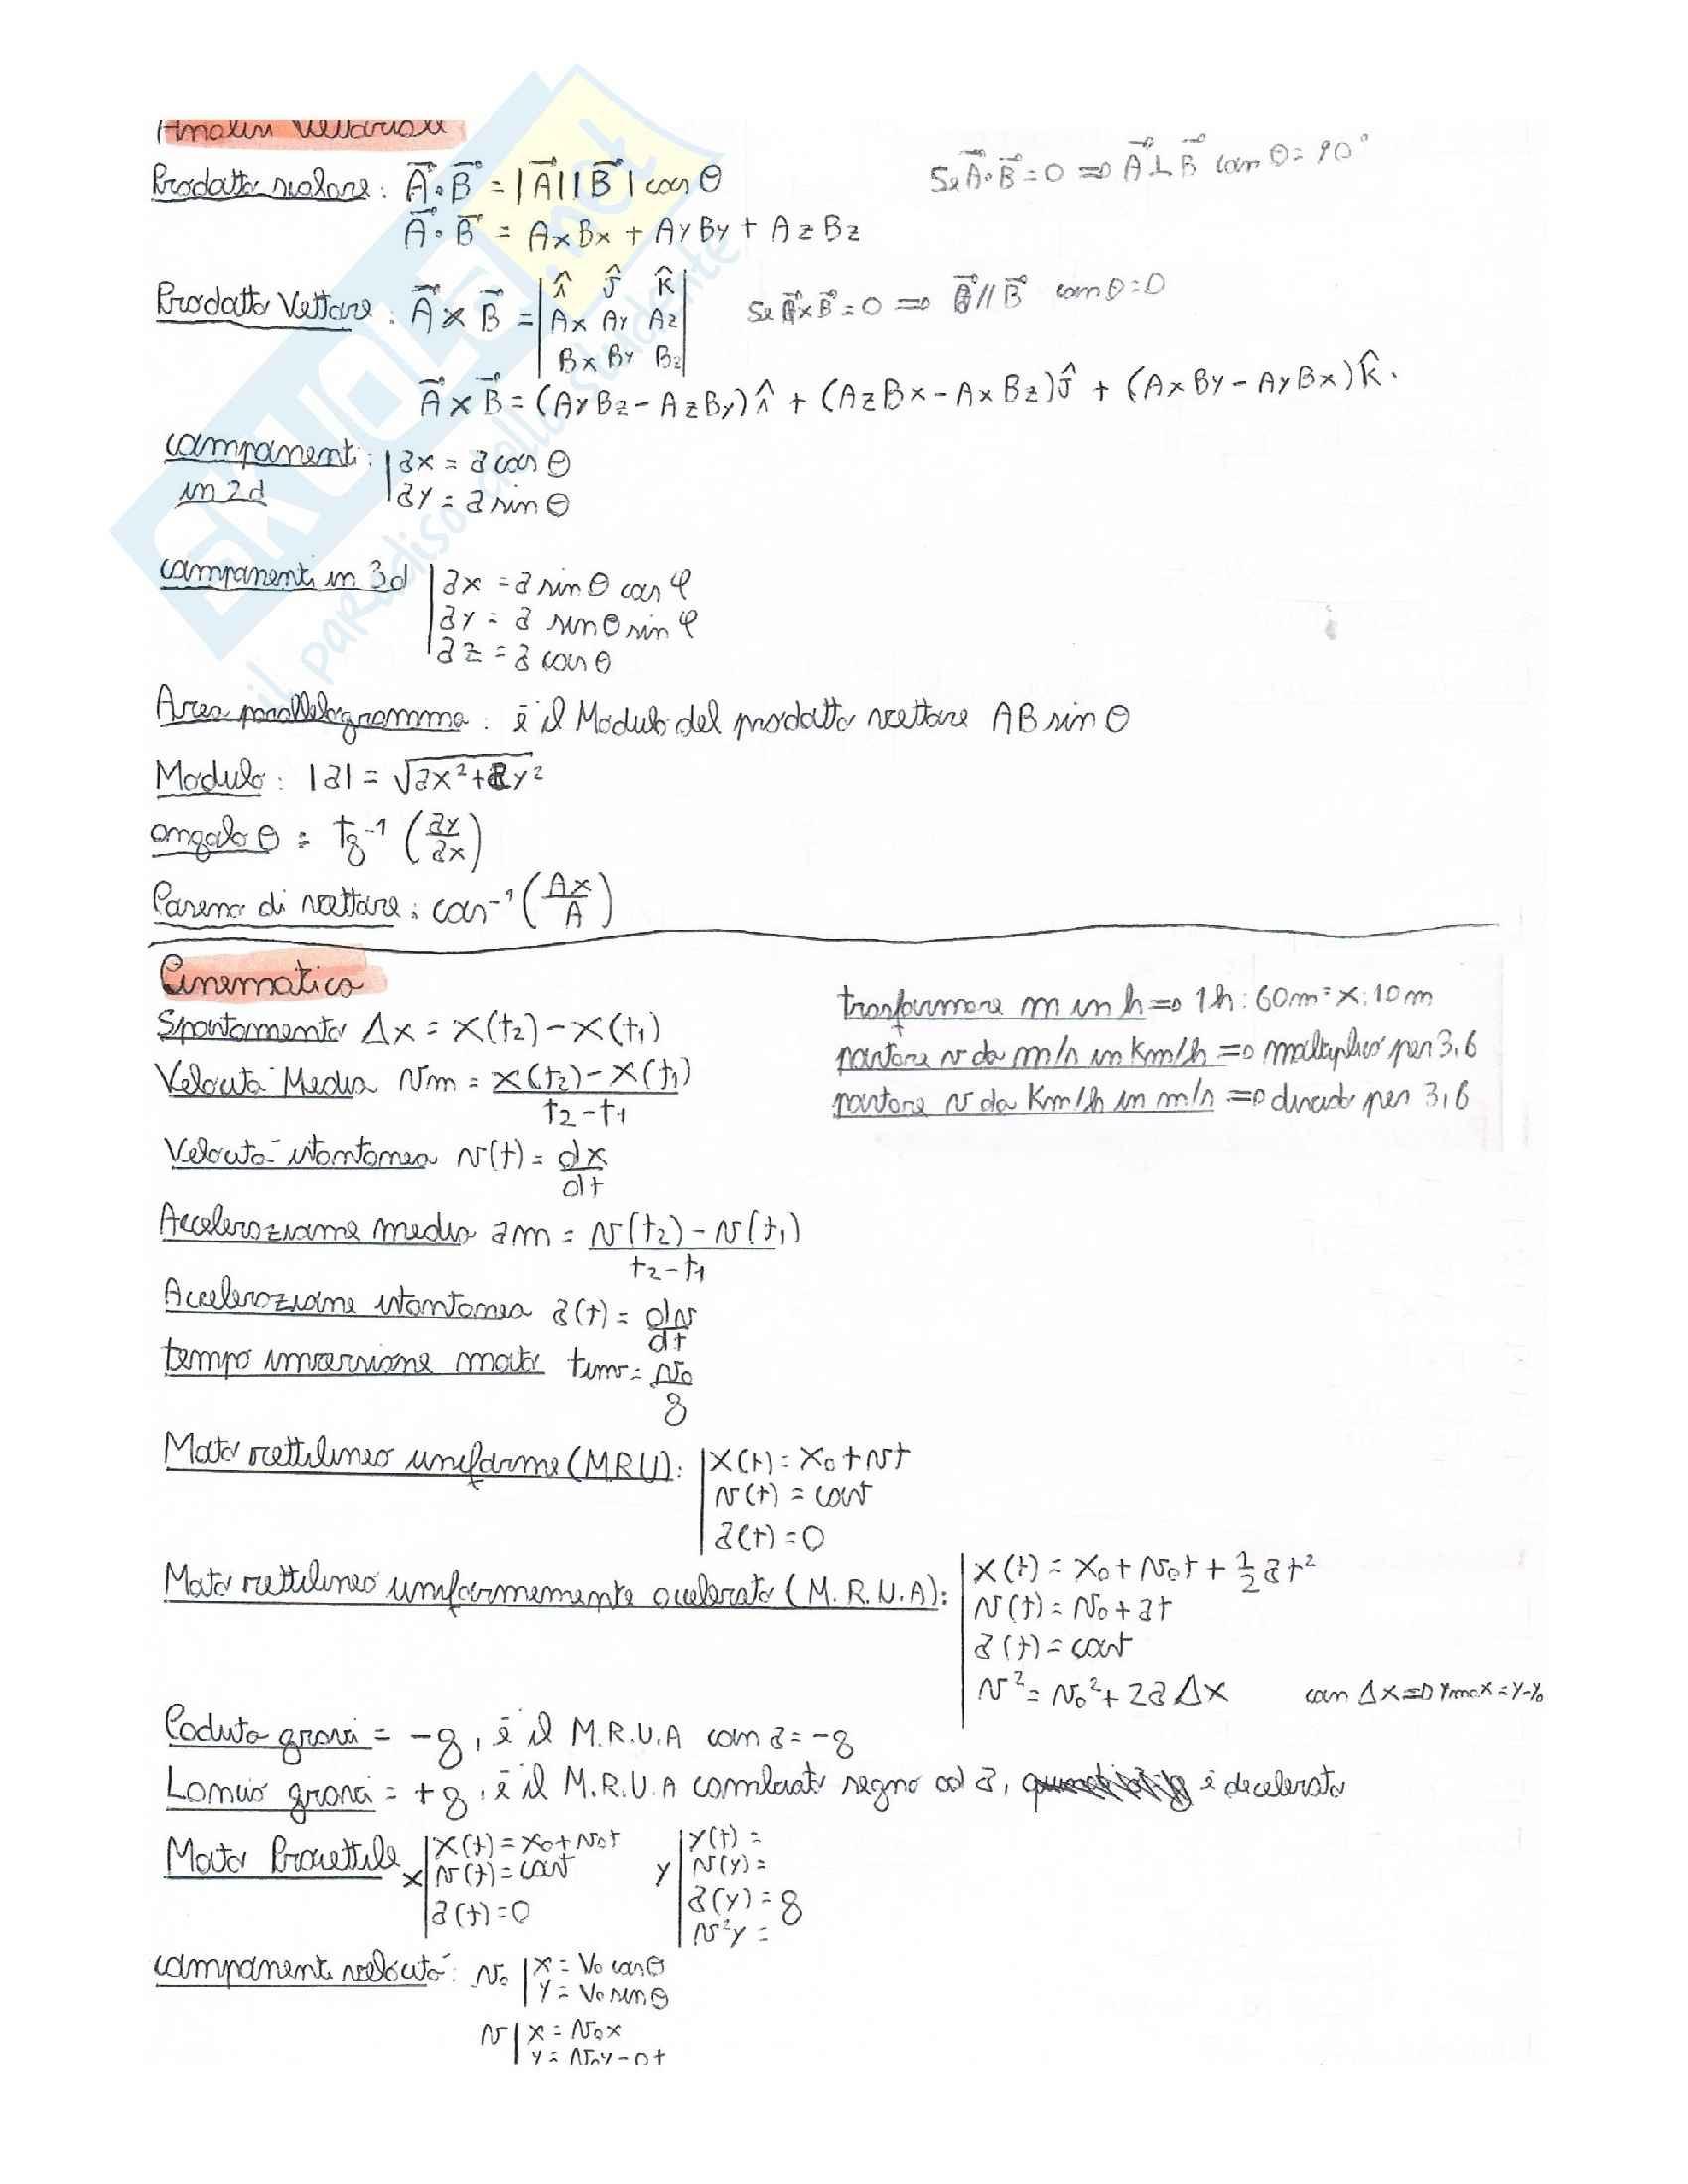 Formulario fisica 1 e fisica 2 dettagliato